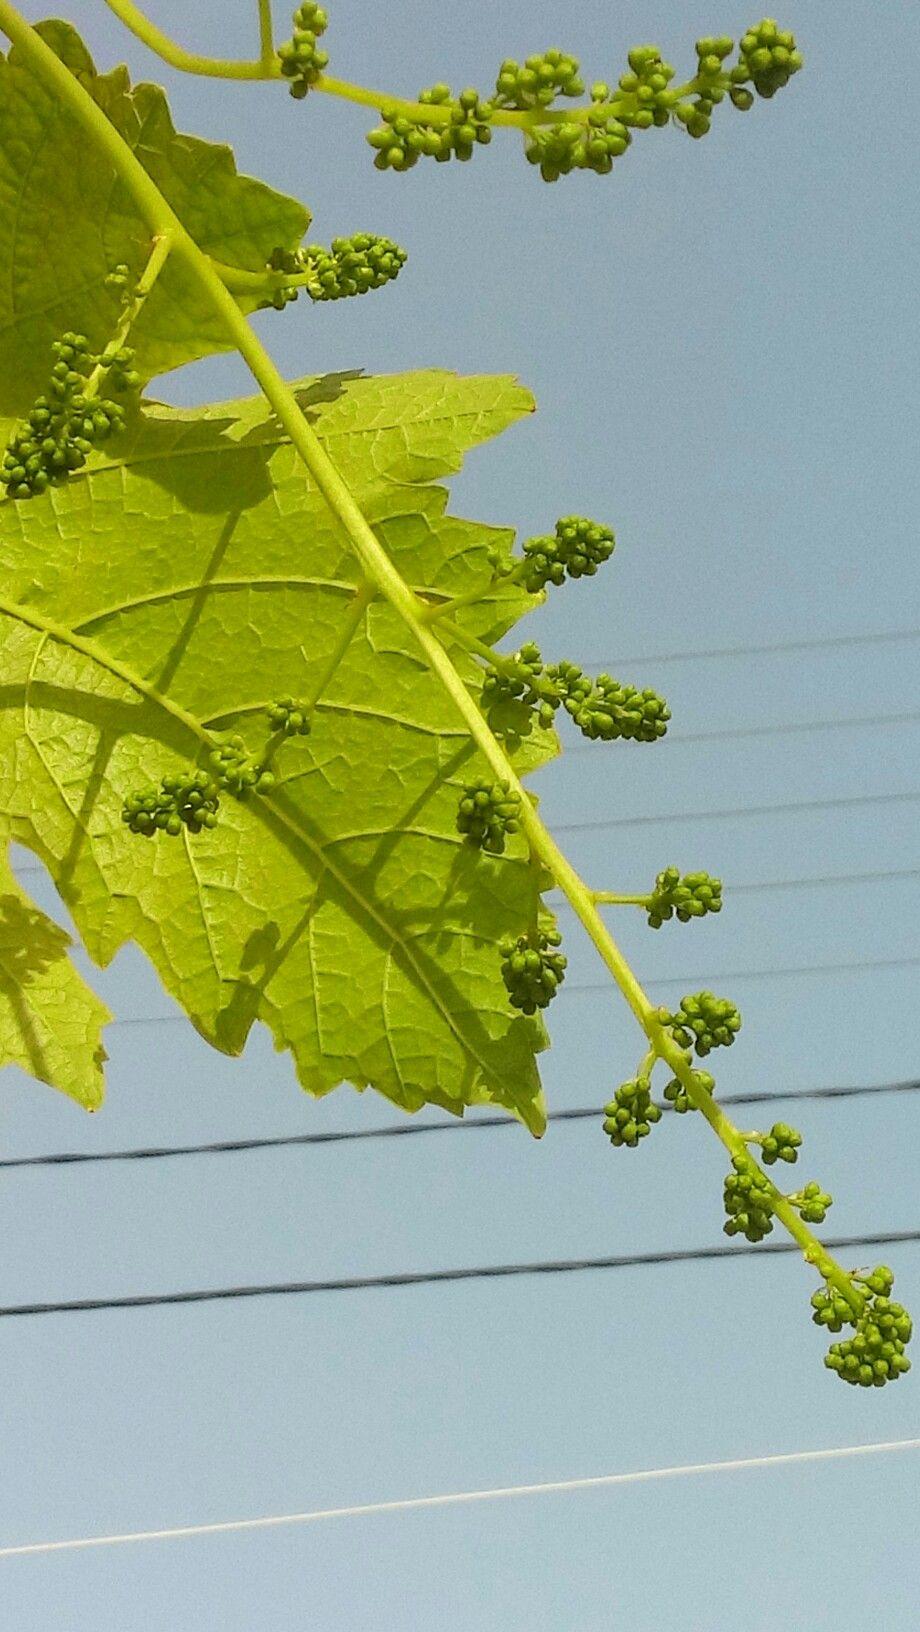 عنقود عنب اول تكوينه المغيريه جبل لبنان Plant Leaves Plants Leaves